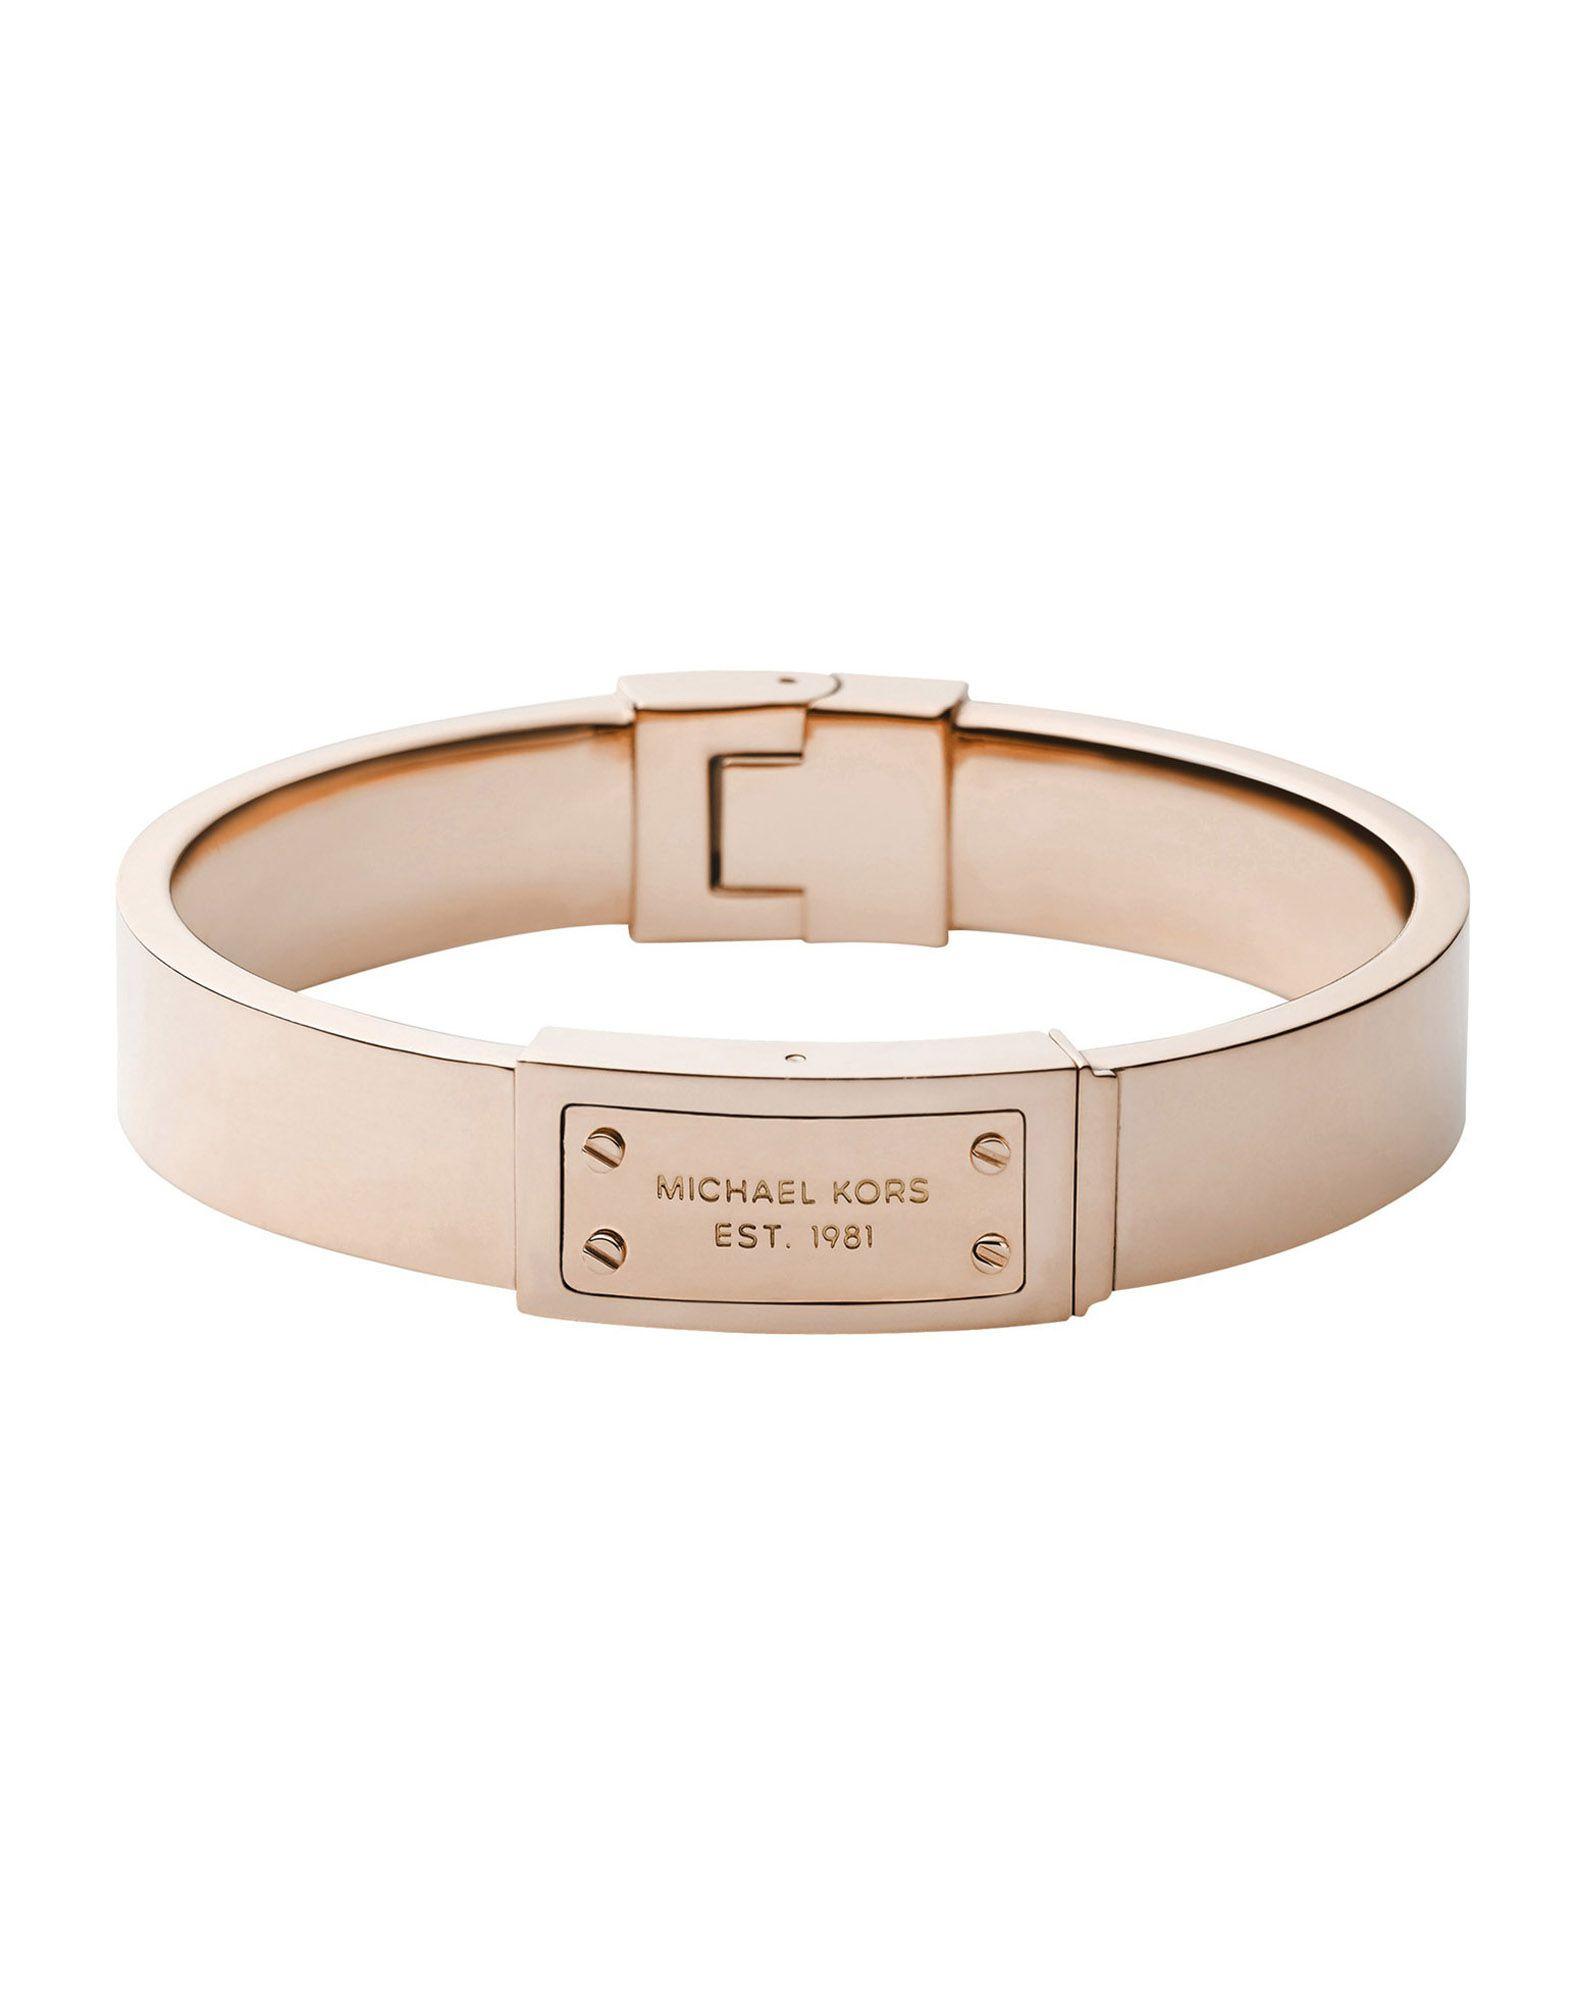 michael kors female michael kors bracelets